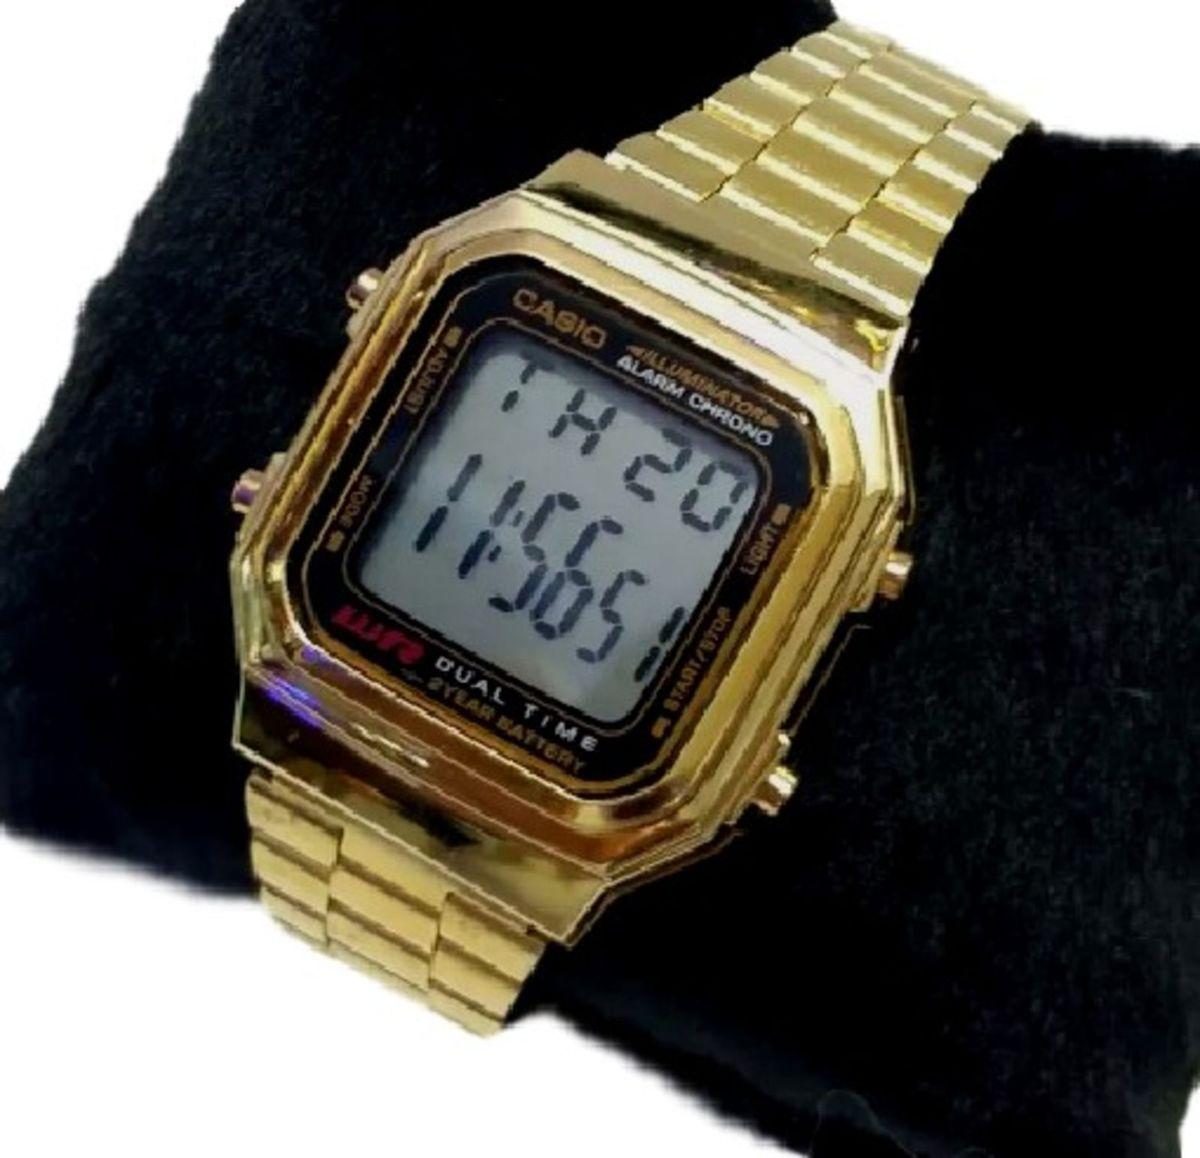 6206a97f2cf relógio pulso aço unissex casio a178 dourado promoção - relógios casio